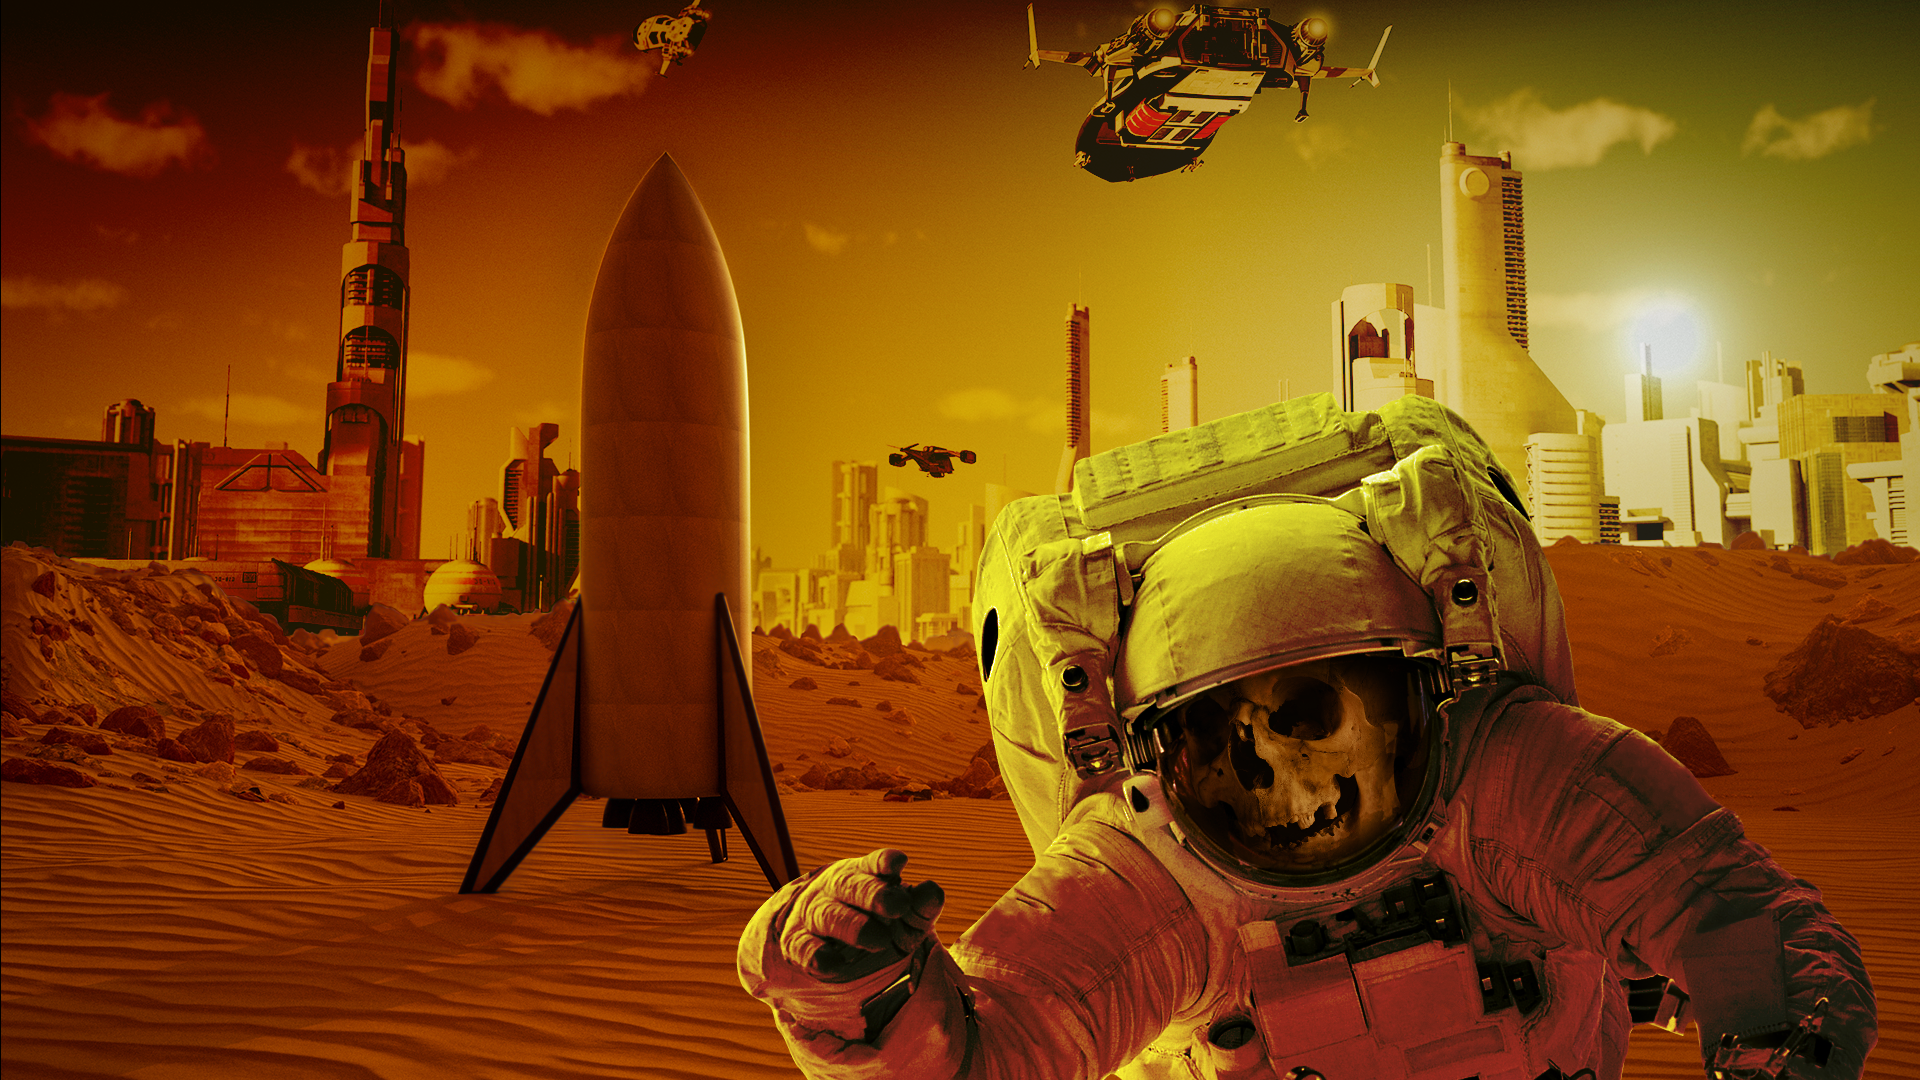 Звездные войны. Человечество готовится ко Второй космической войне (да, первая уже была) - Фото